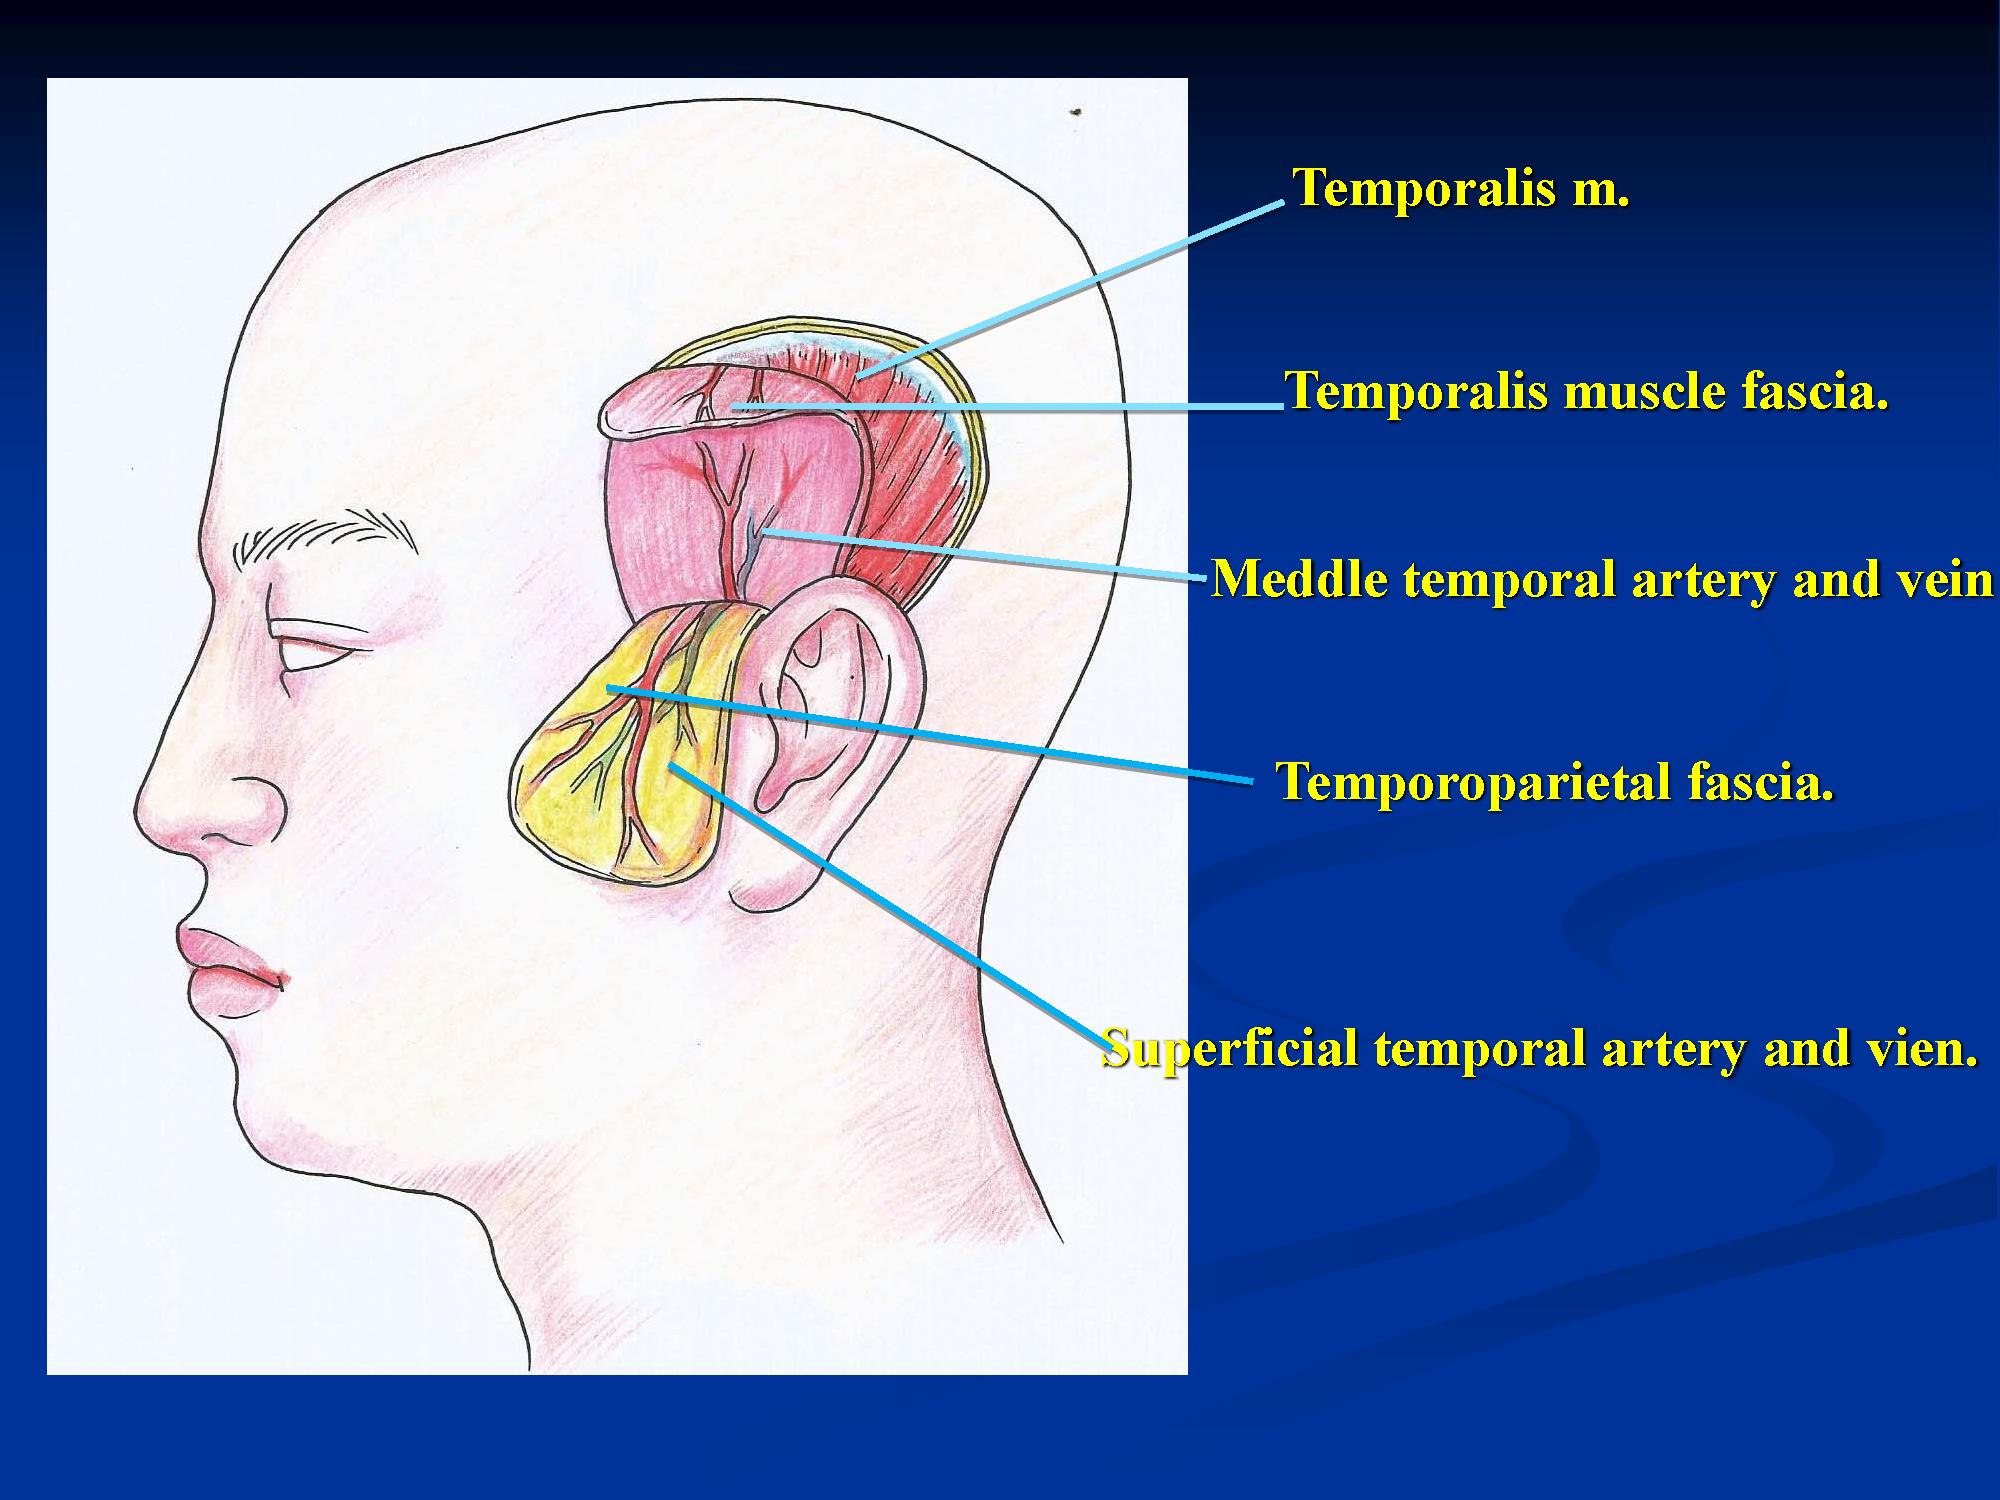 โชว์นวัตกรรมใหม่ยกกระชับหน้าด้วย เฟซล็อค (FACE LOCK) โดยศัลยแพทย์ไทย